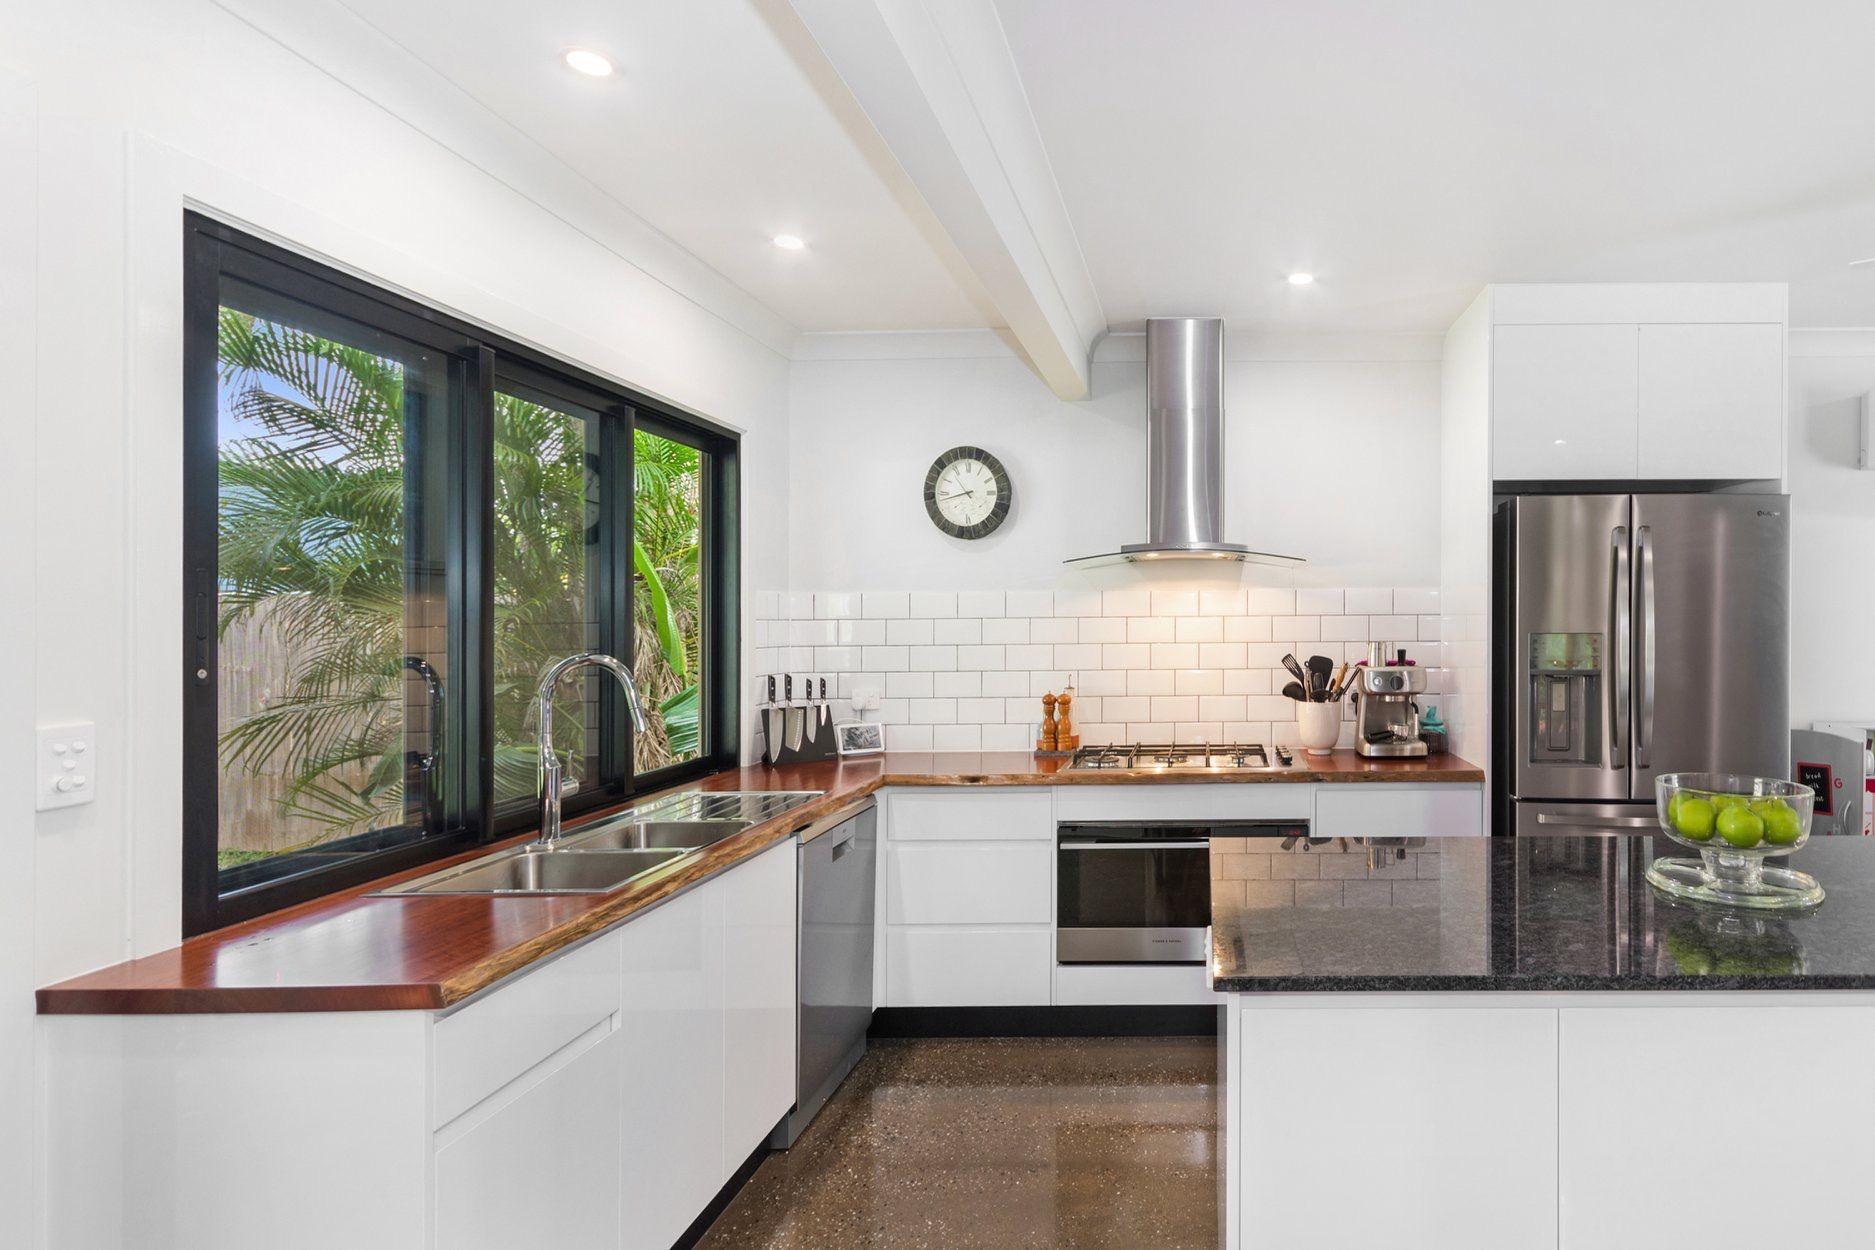 pin by irelna lowrie on queenslander love kitchen cabinets kitchen home decor on kitchen interior queenslander id=43824